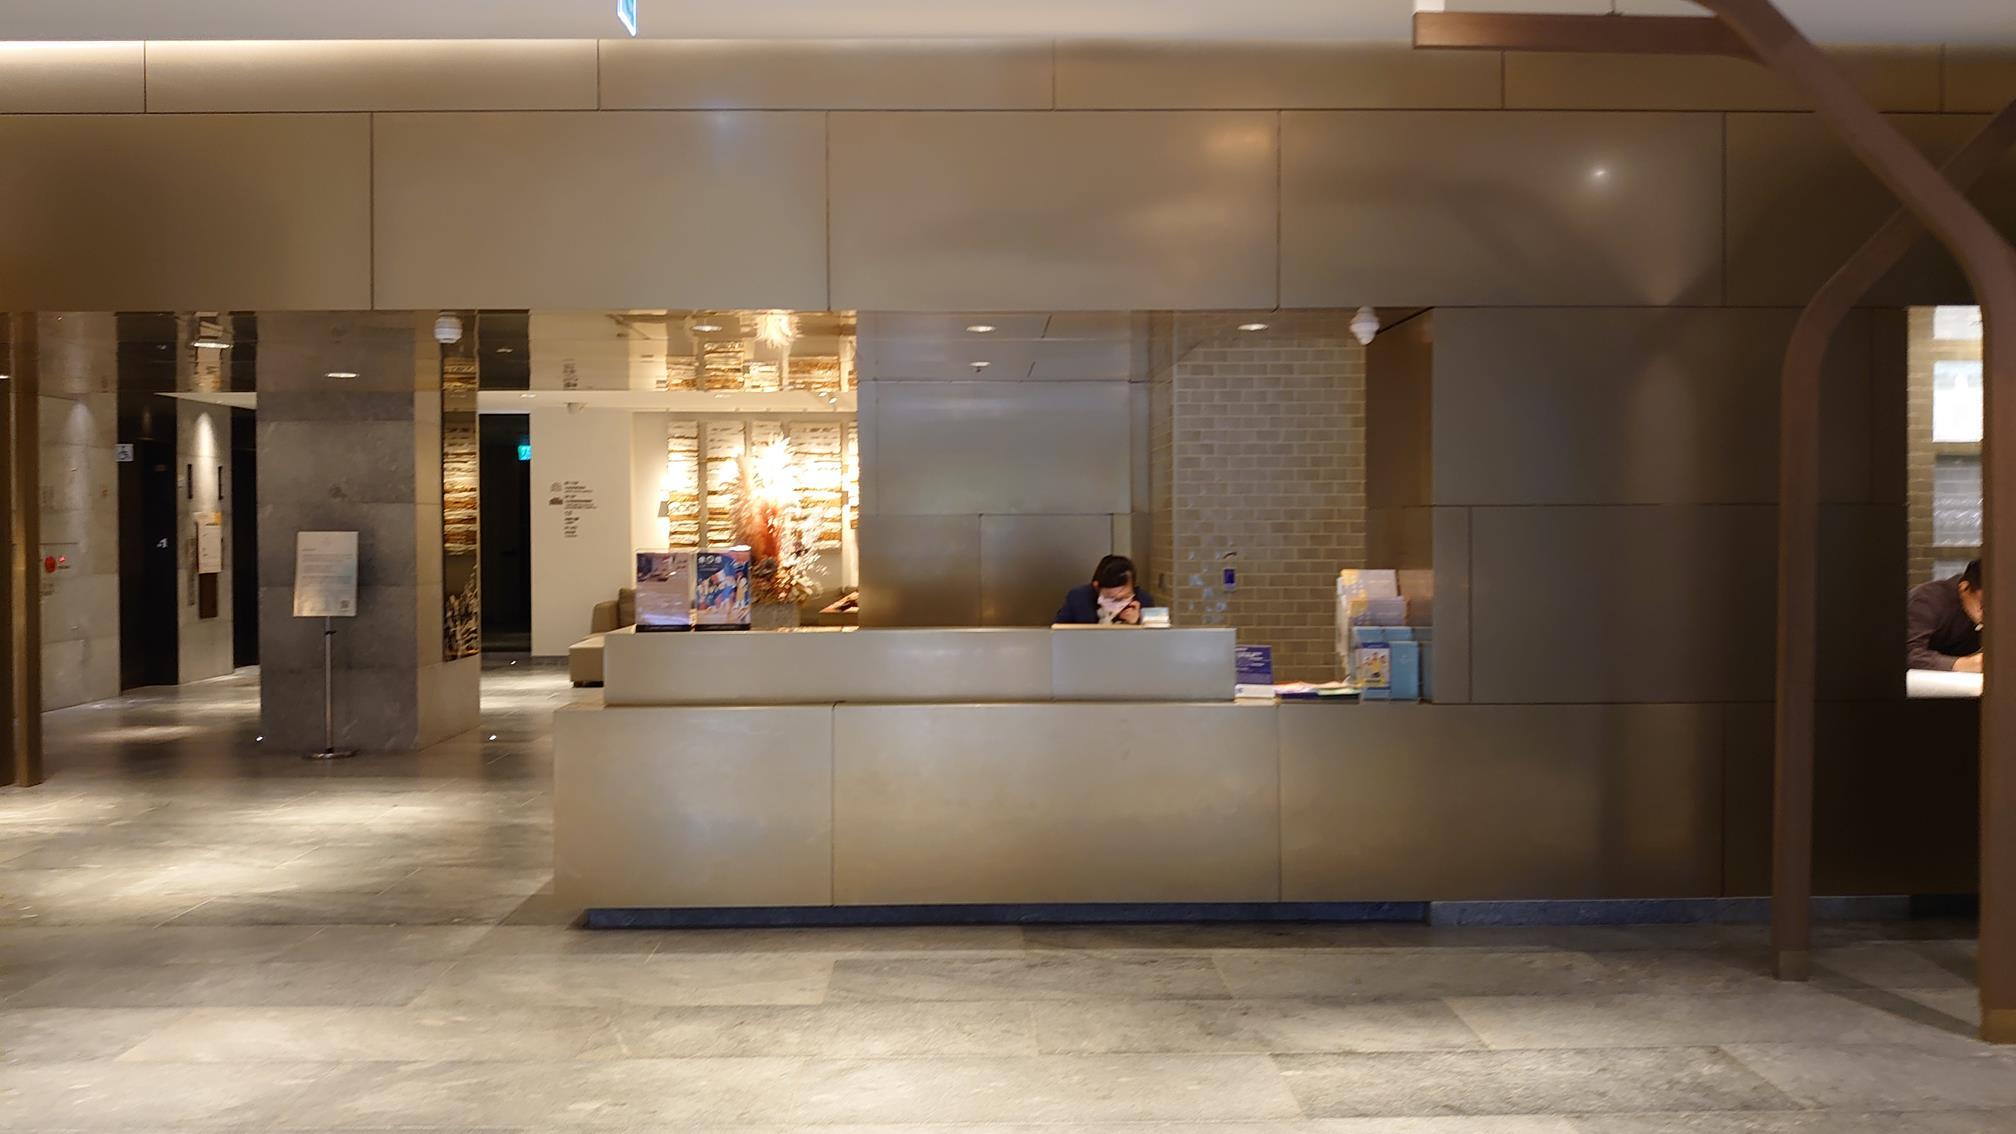 北投老爺酒店,北投老爺,北投溫泉住宿飯店,陽明山住宿,台北健檢飯店,Pure Cuisine法式餐廳